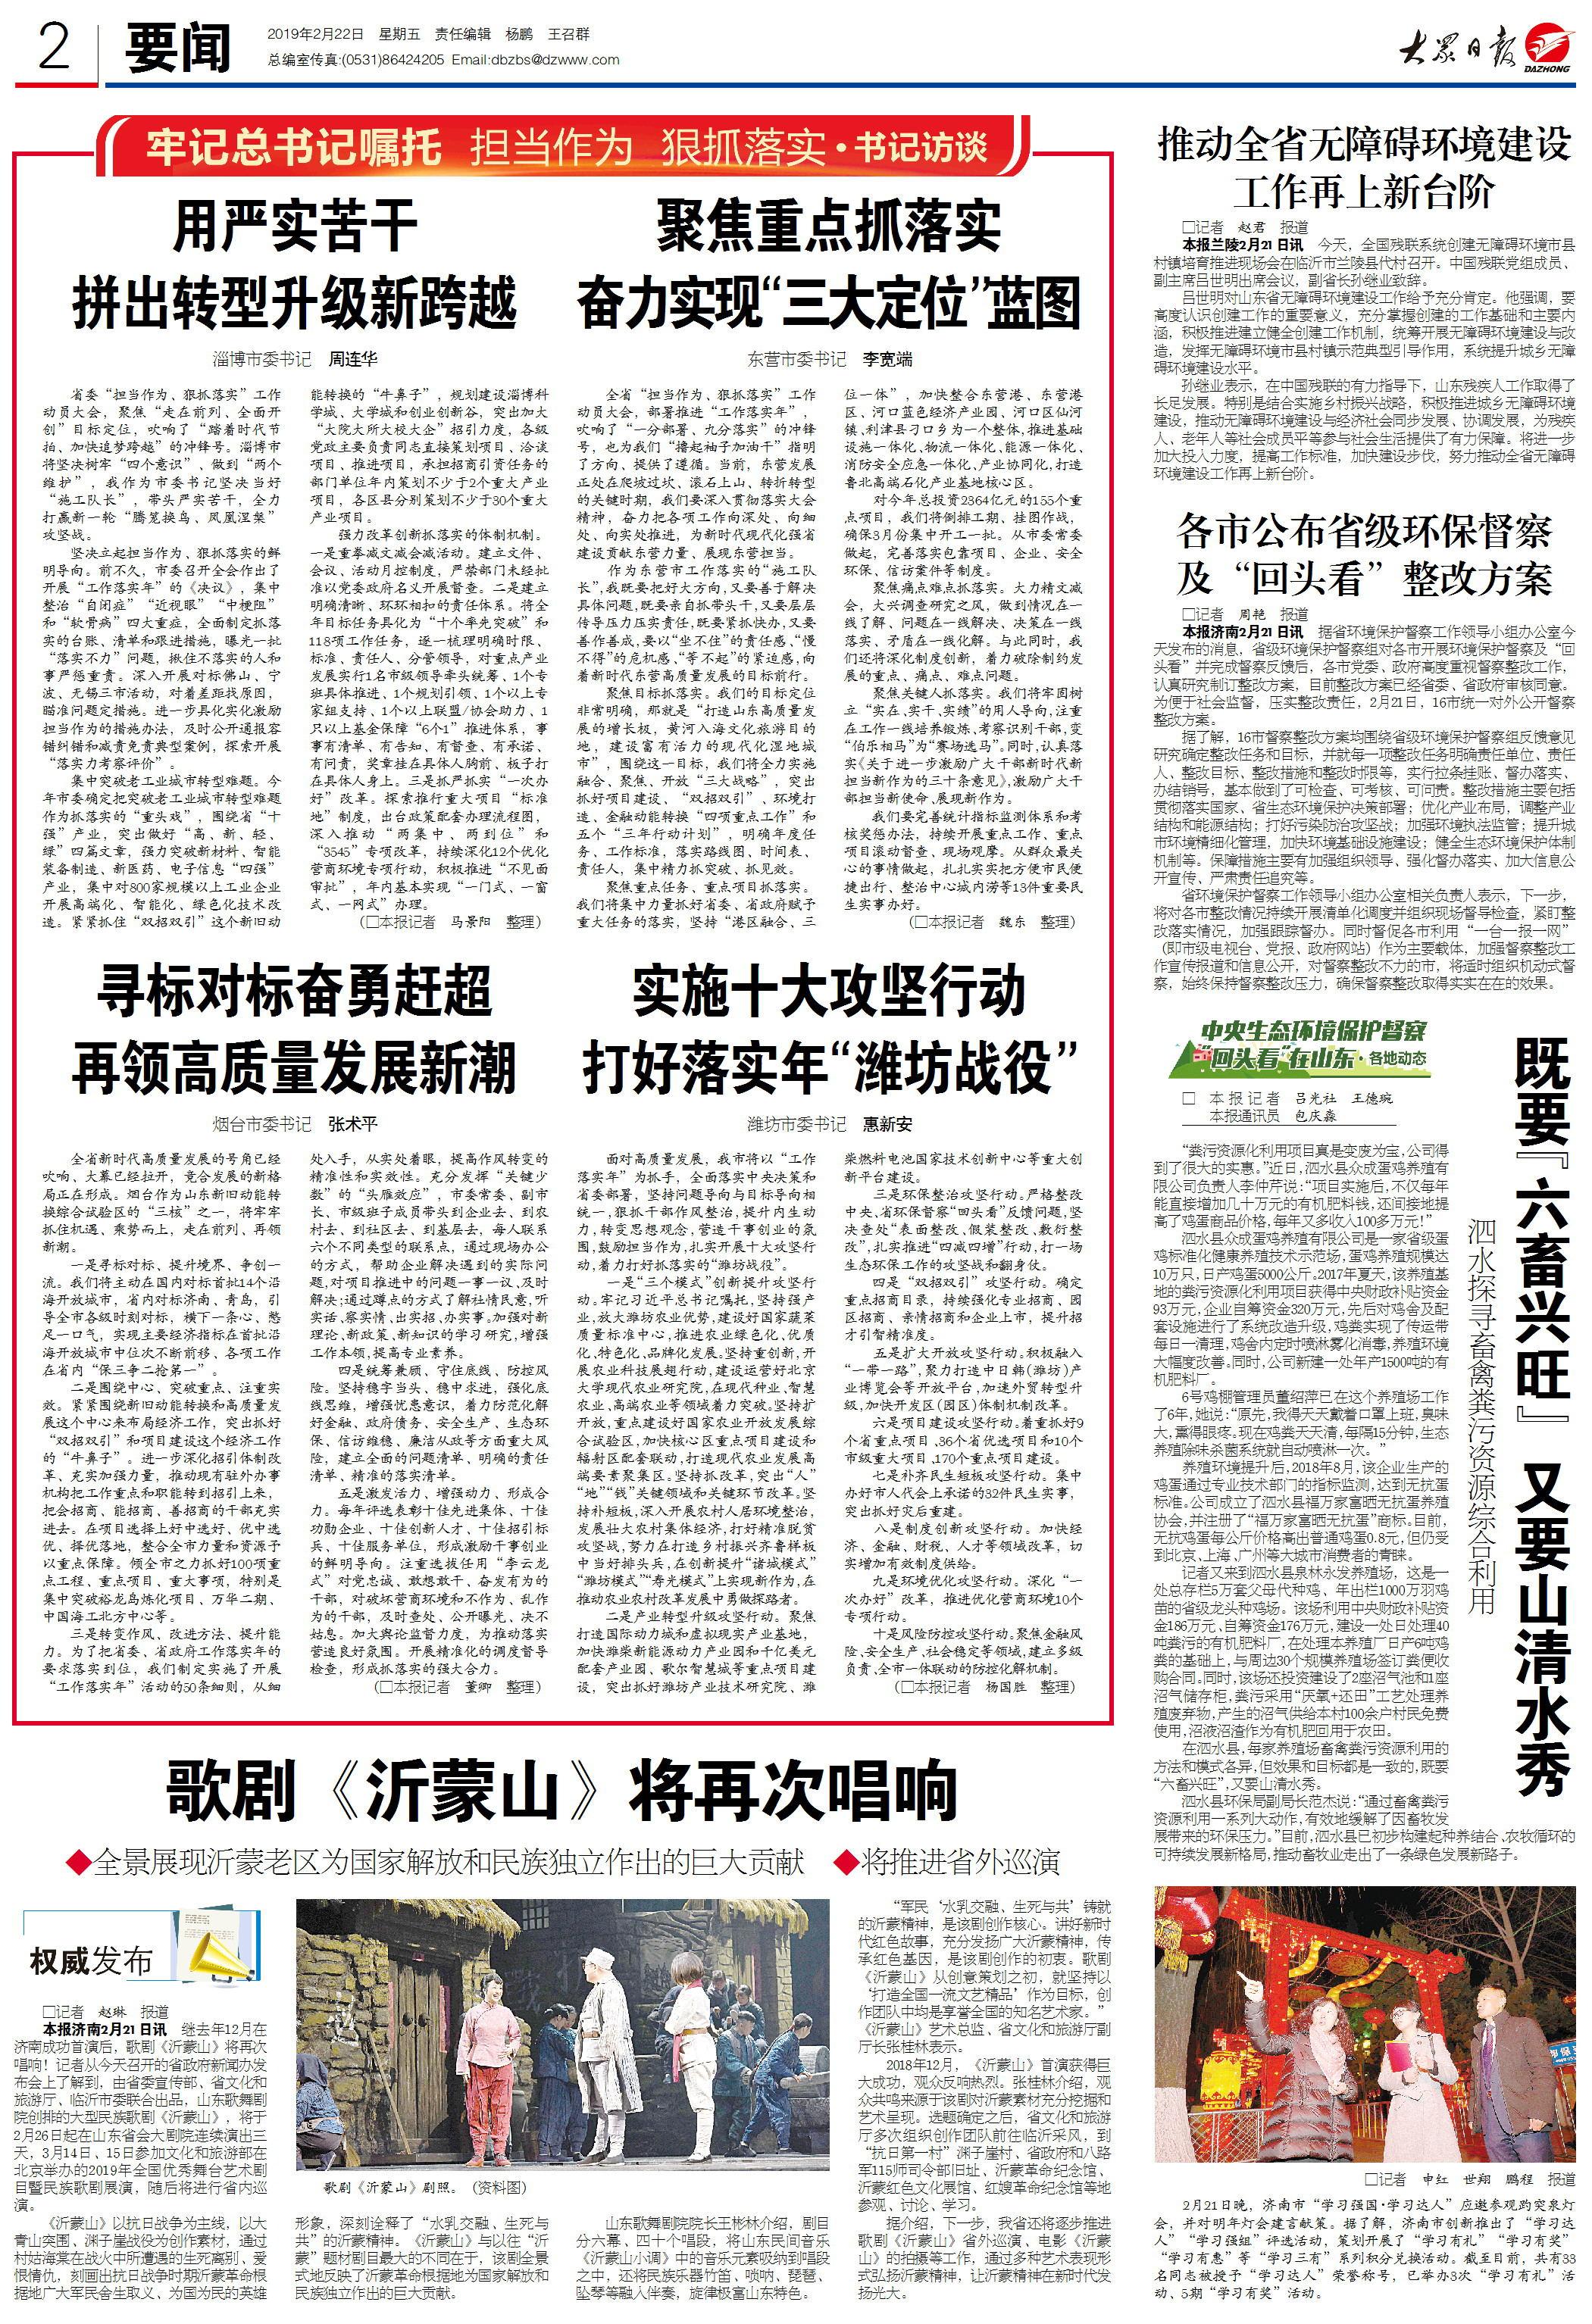 关注!淄博、东营、烟台、潍坊四市市委书记谈如何抓落实